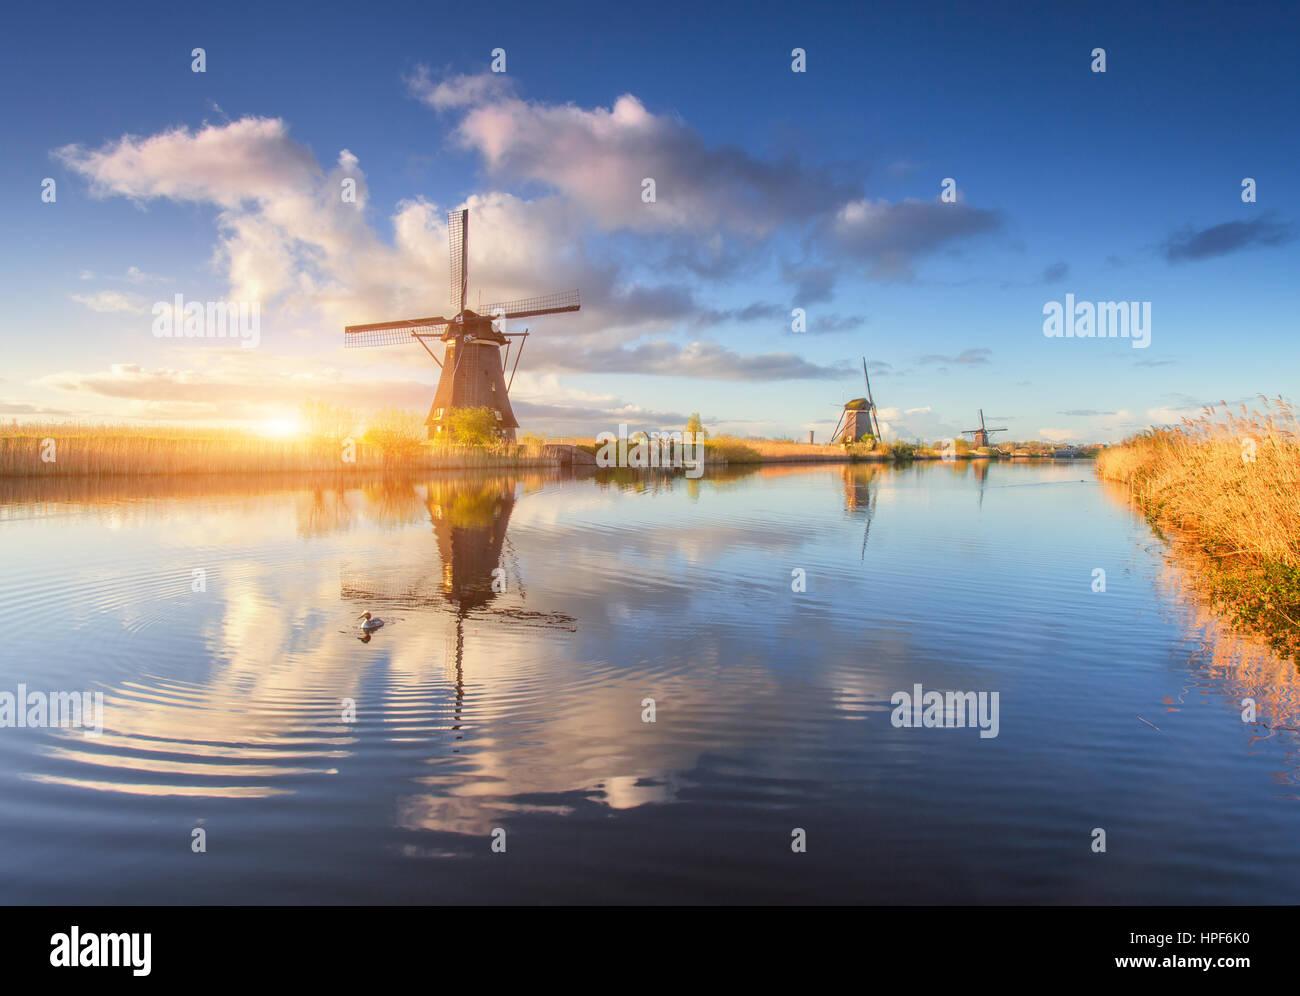 Mulini a vento di sunrise. Paesaggio agreste con sorprendente olandese di mulini a vento in prossimità dell'acqua Foto Stock